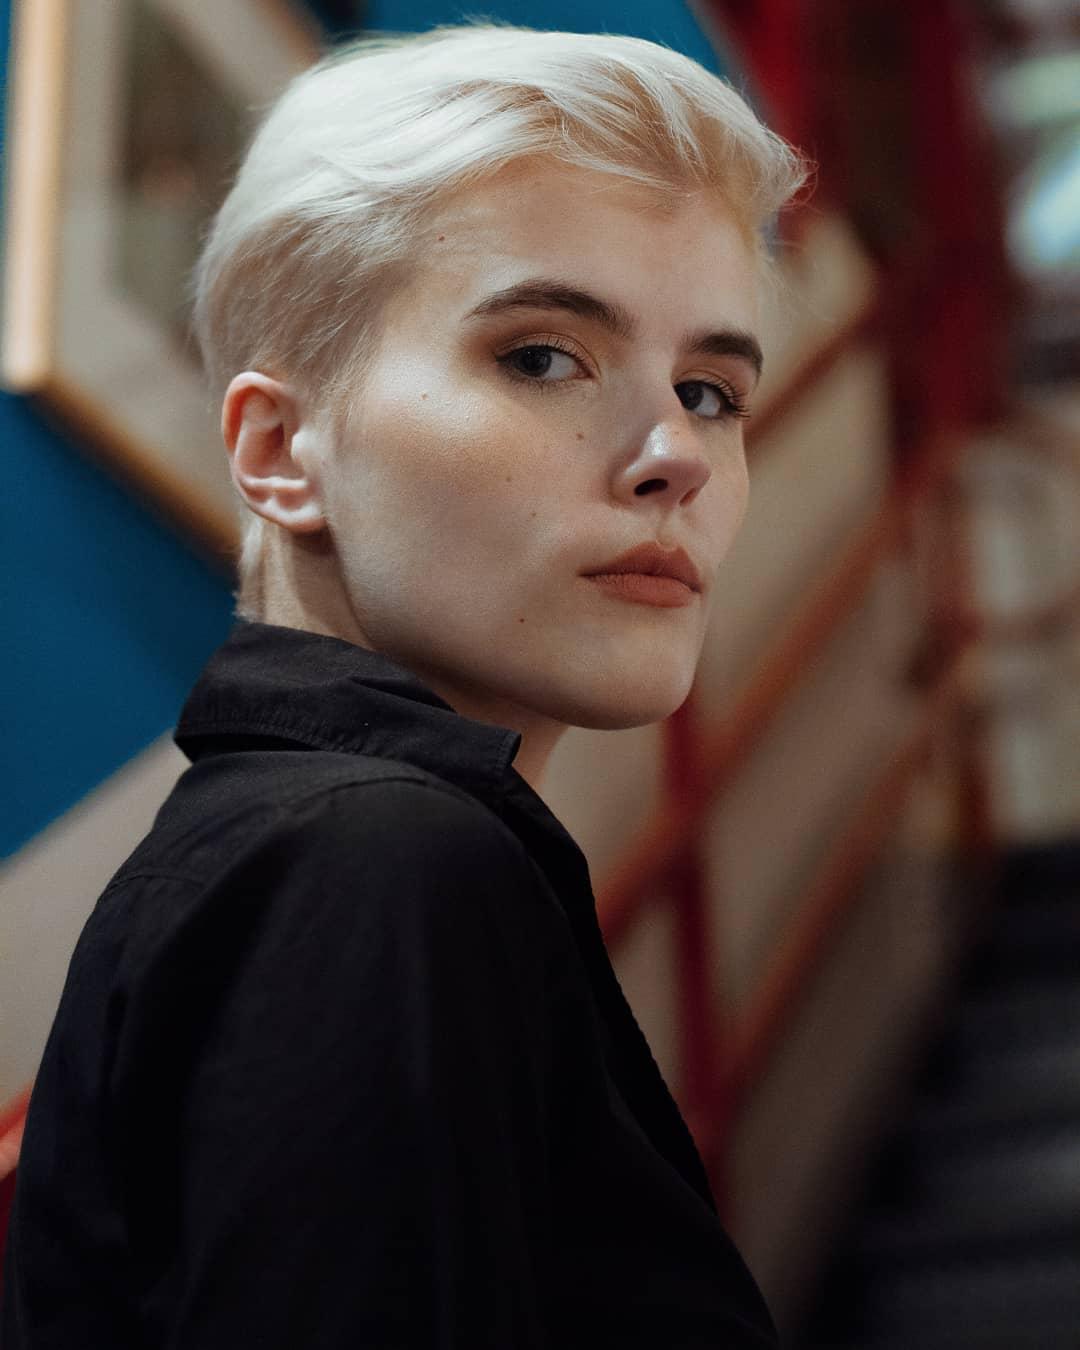 femme avec une coupe de lutin blonde